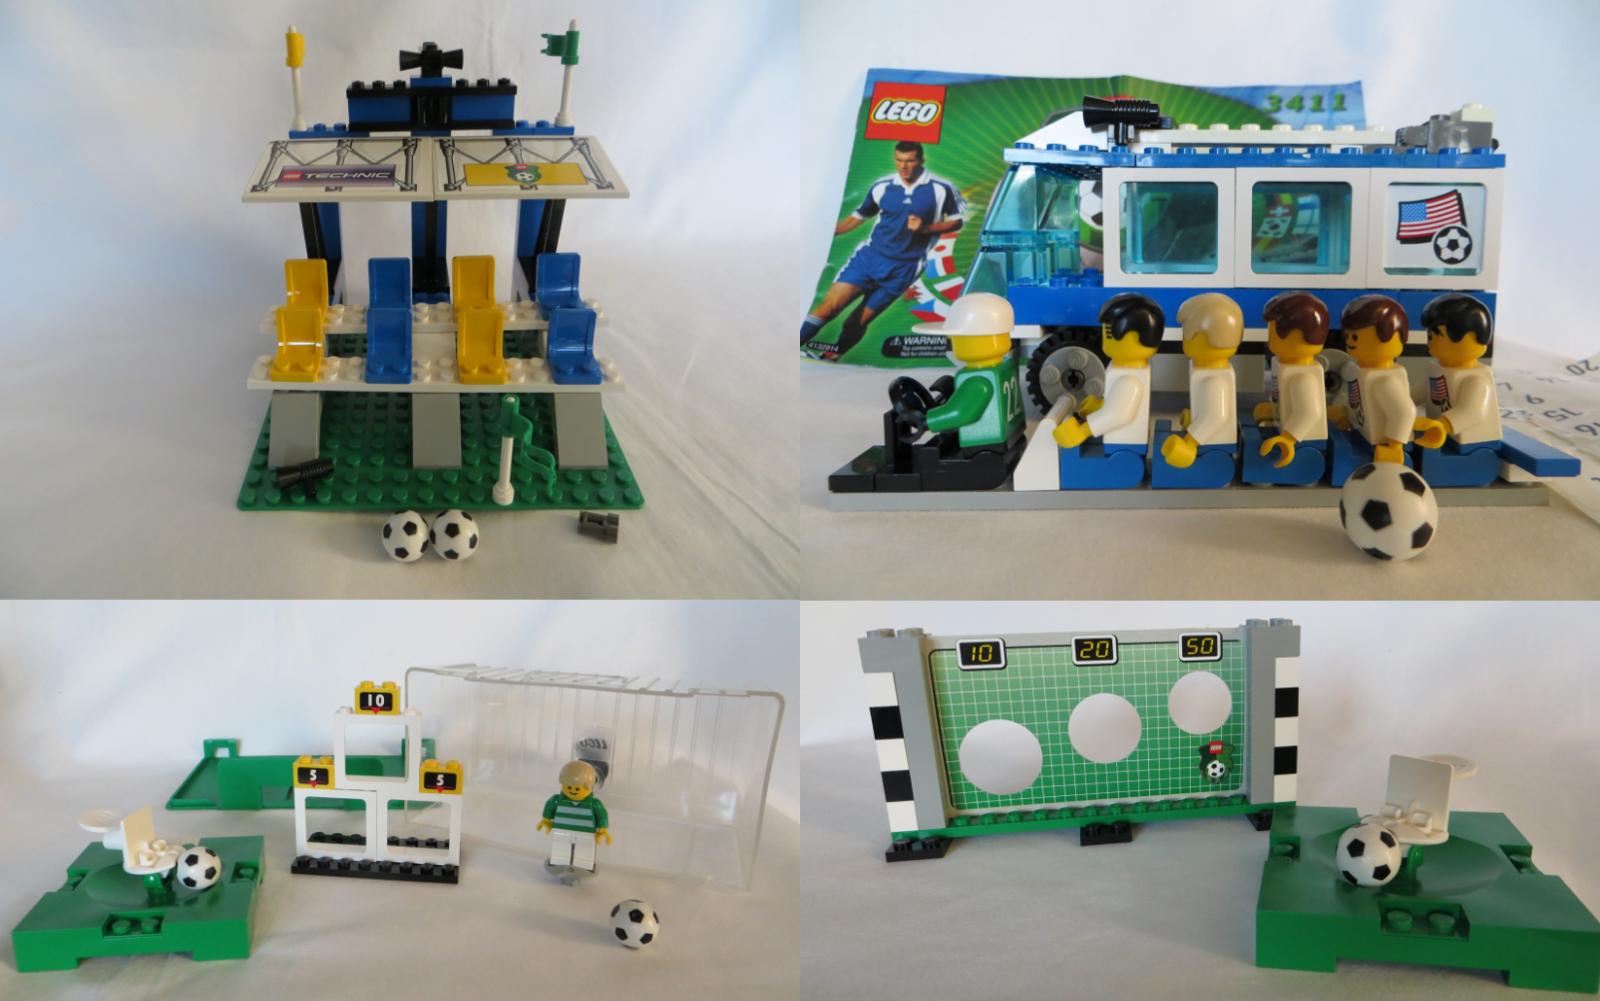 LEGO Lot 3401 3403 3411 3412 Soccer  Footbtutti Americas squadra autobus Shoot Score 2000  Prezzo al piano